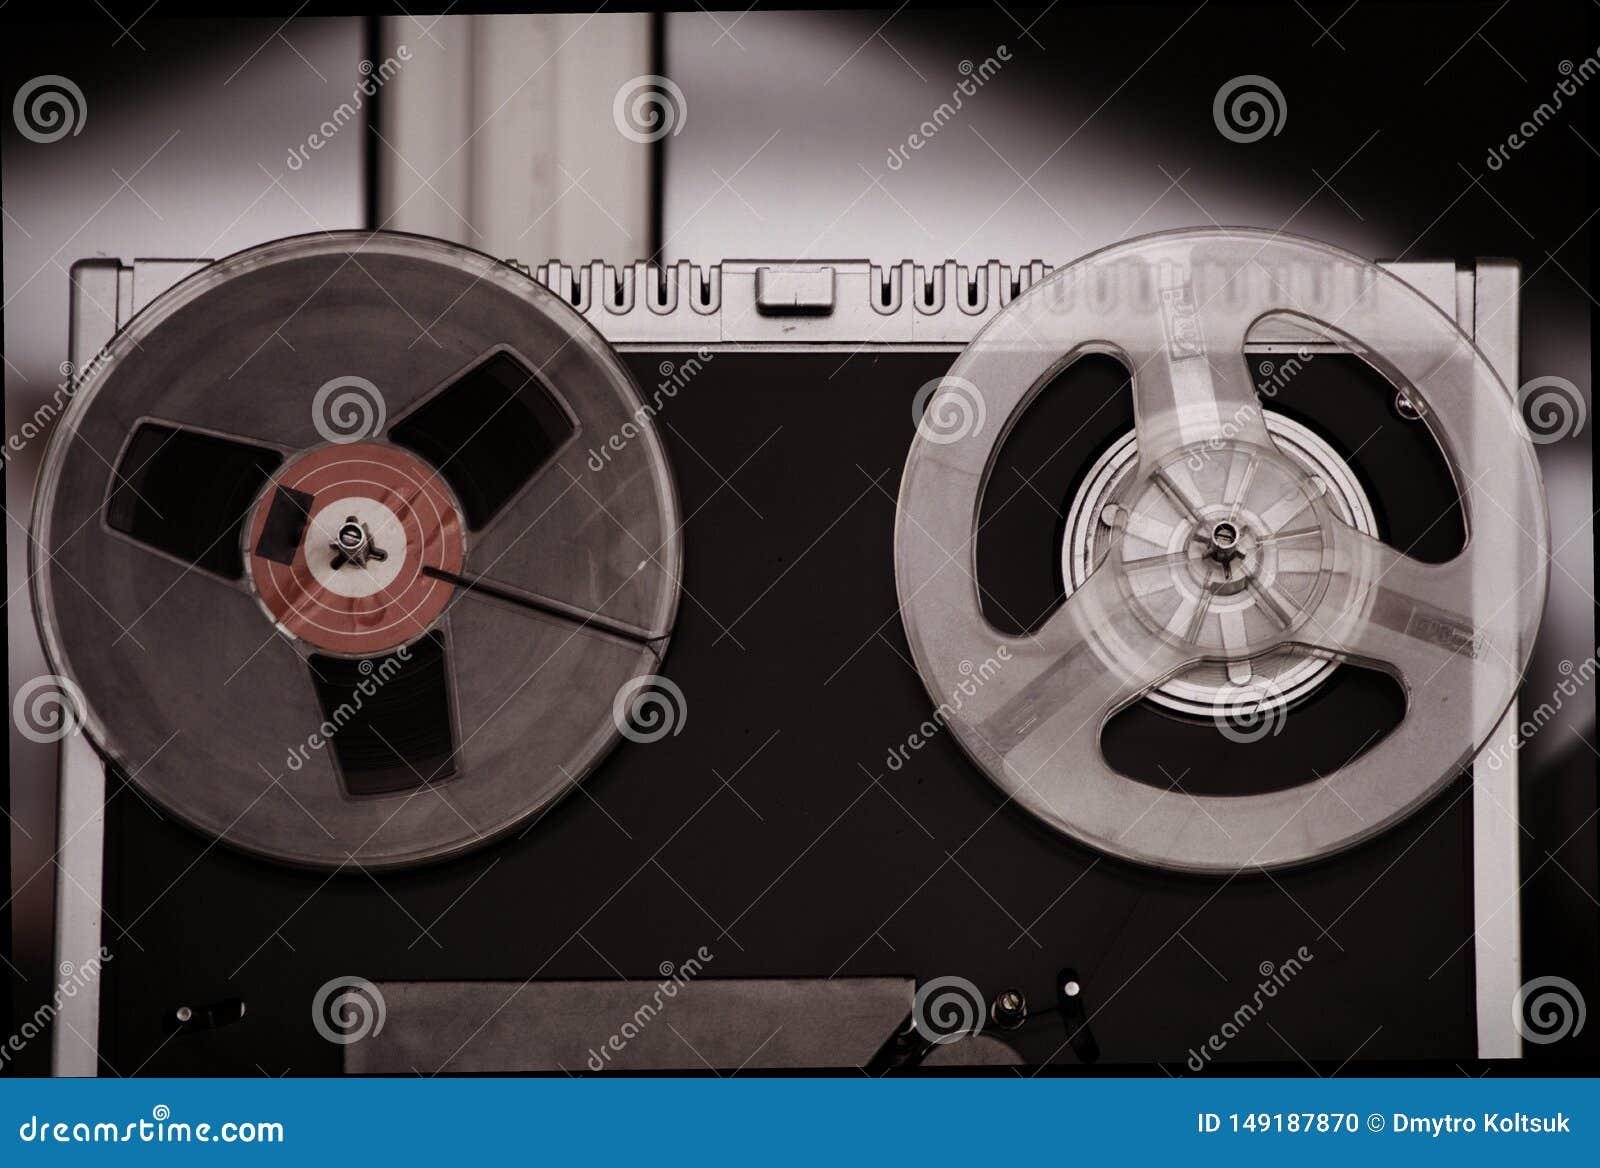 Όργανο καταγραφής ταινιών εξελίκτρων, παλαιό, εκλεκτής ποιότητας, φορητό εξέλικτρο για να τυλίξει το ταινία-όργανο καταγραφής σωλ